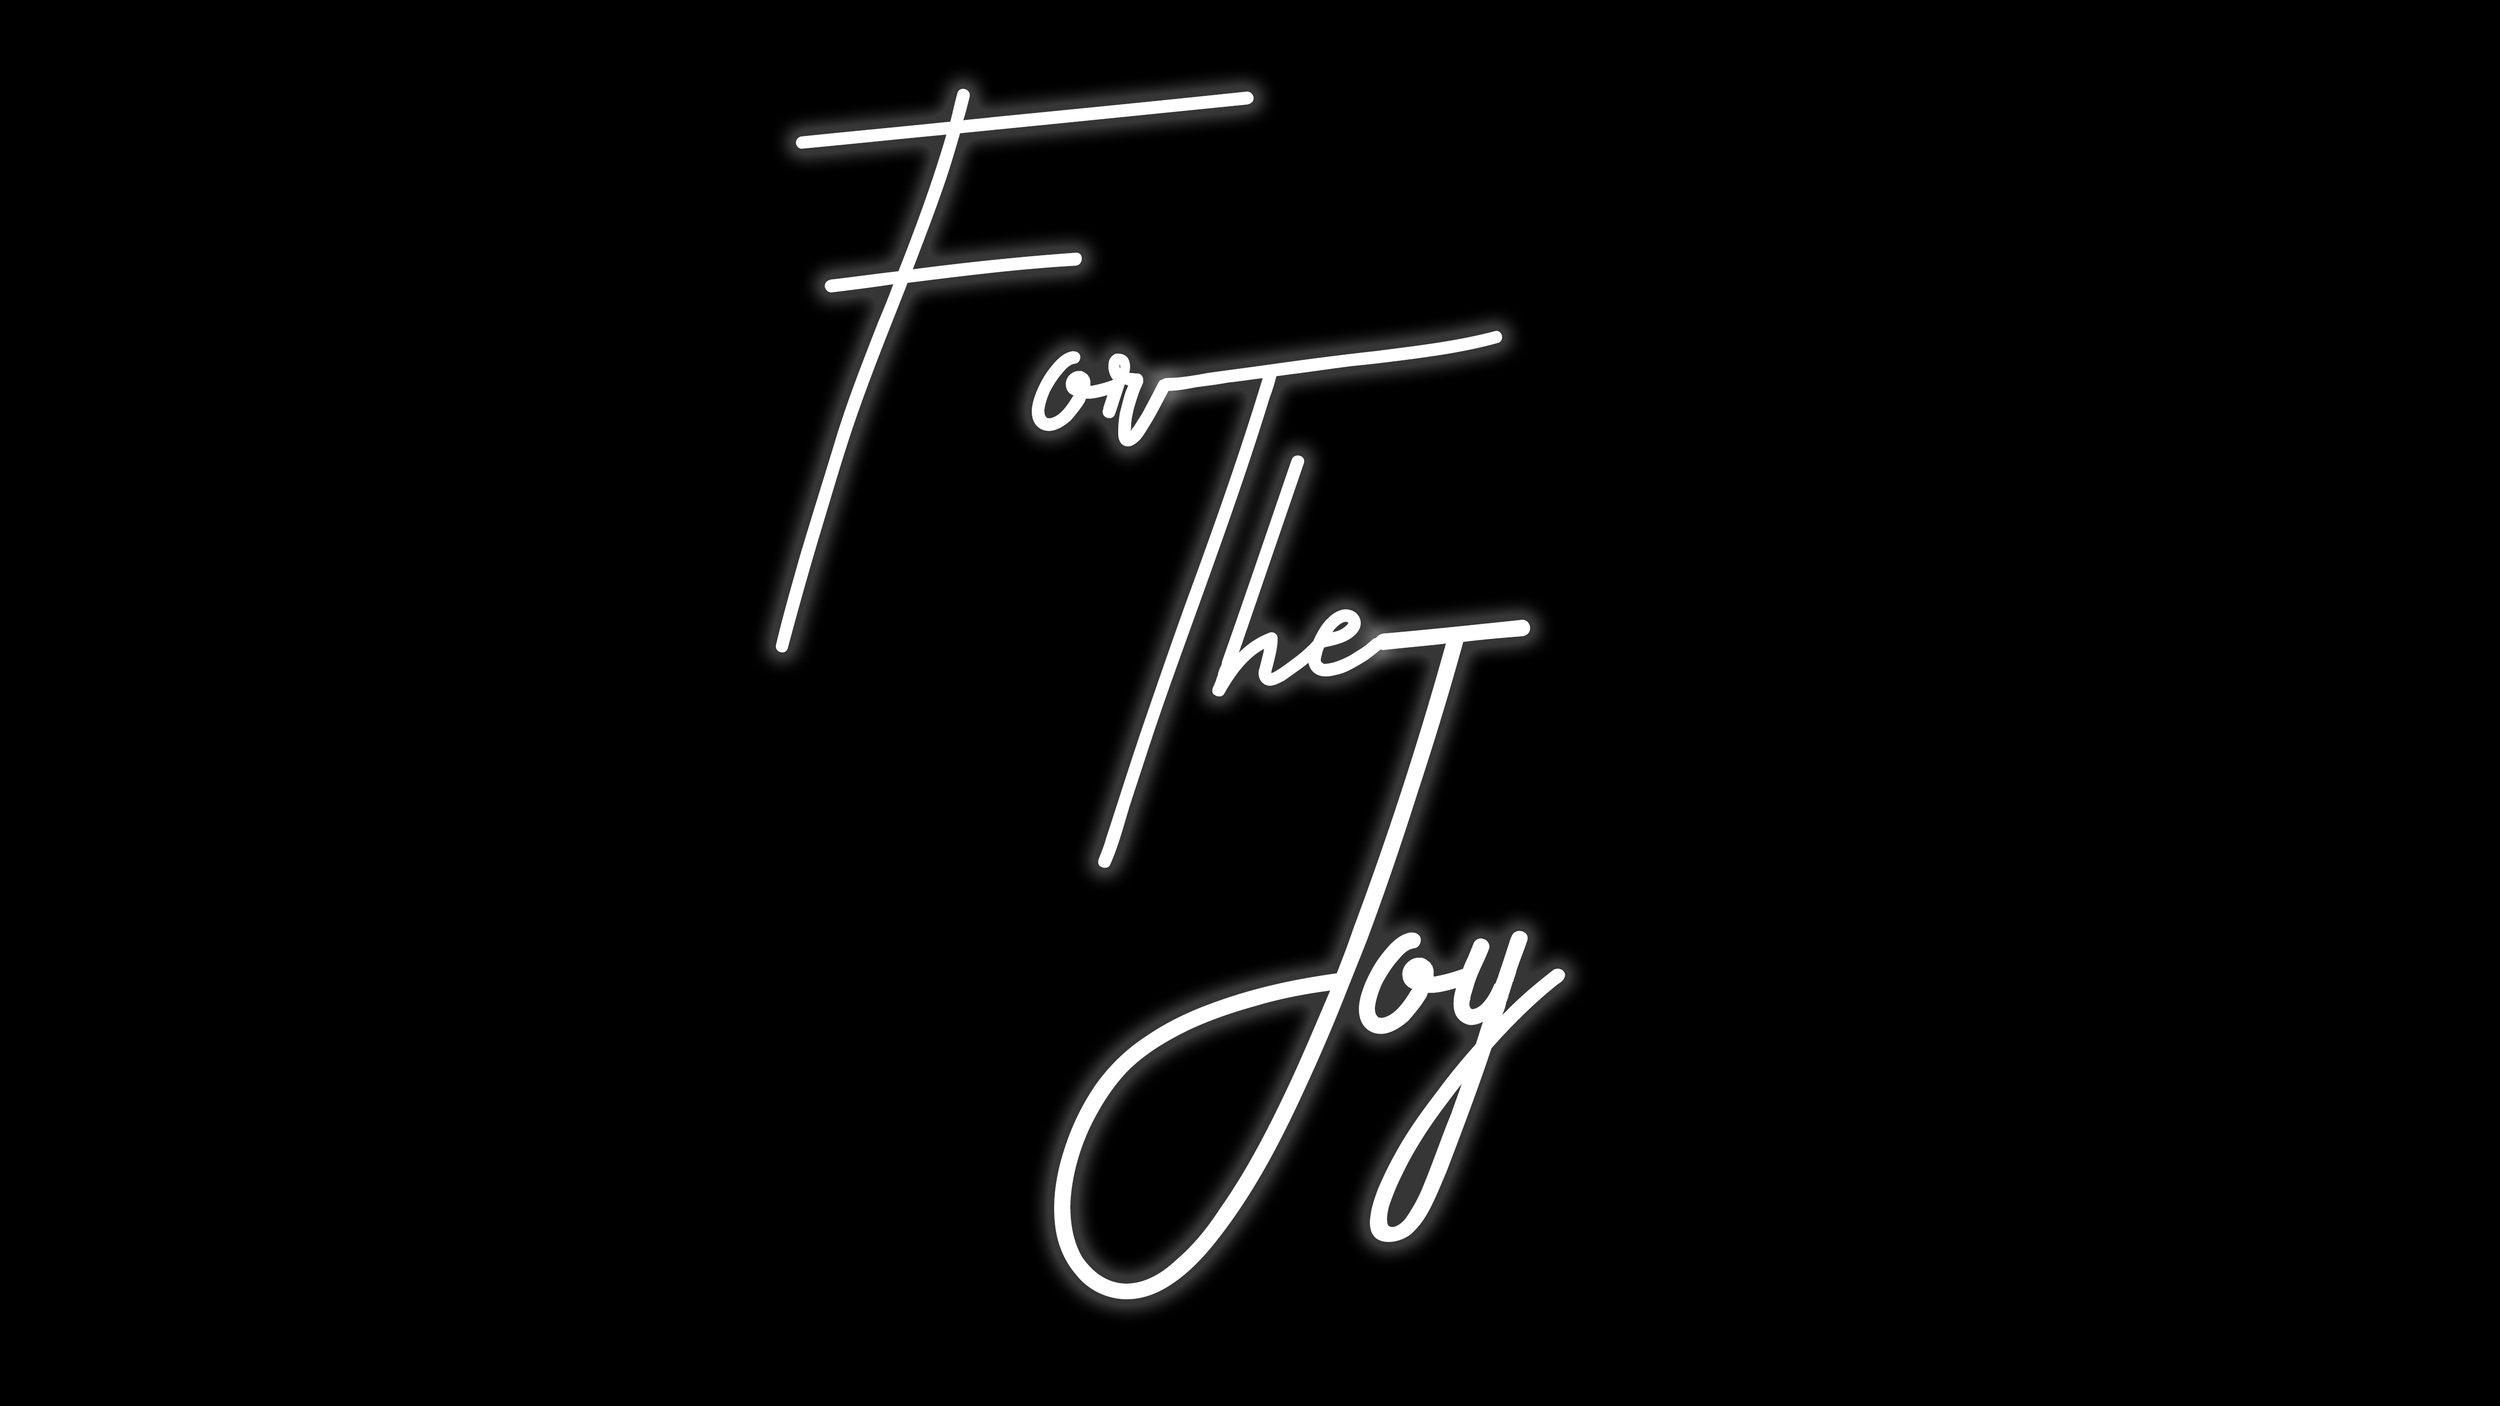 For the Joy.jpg